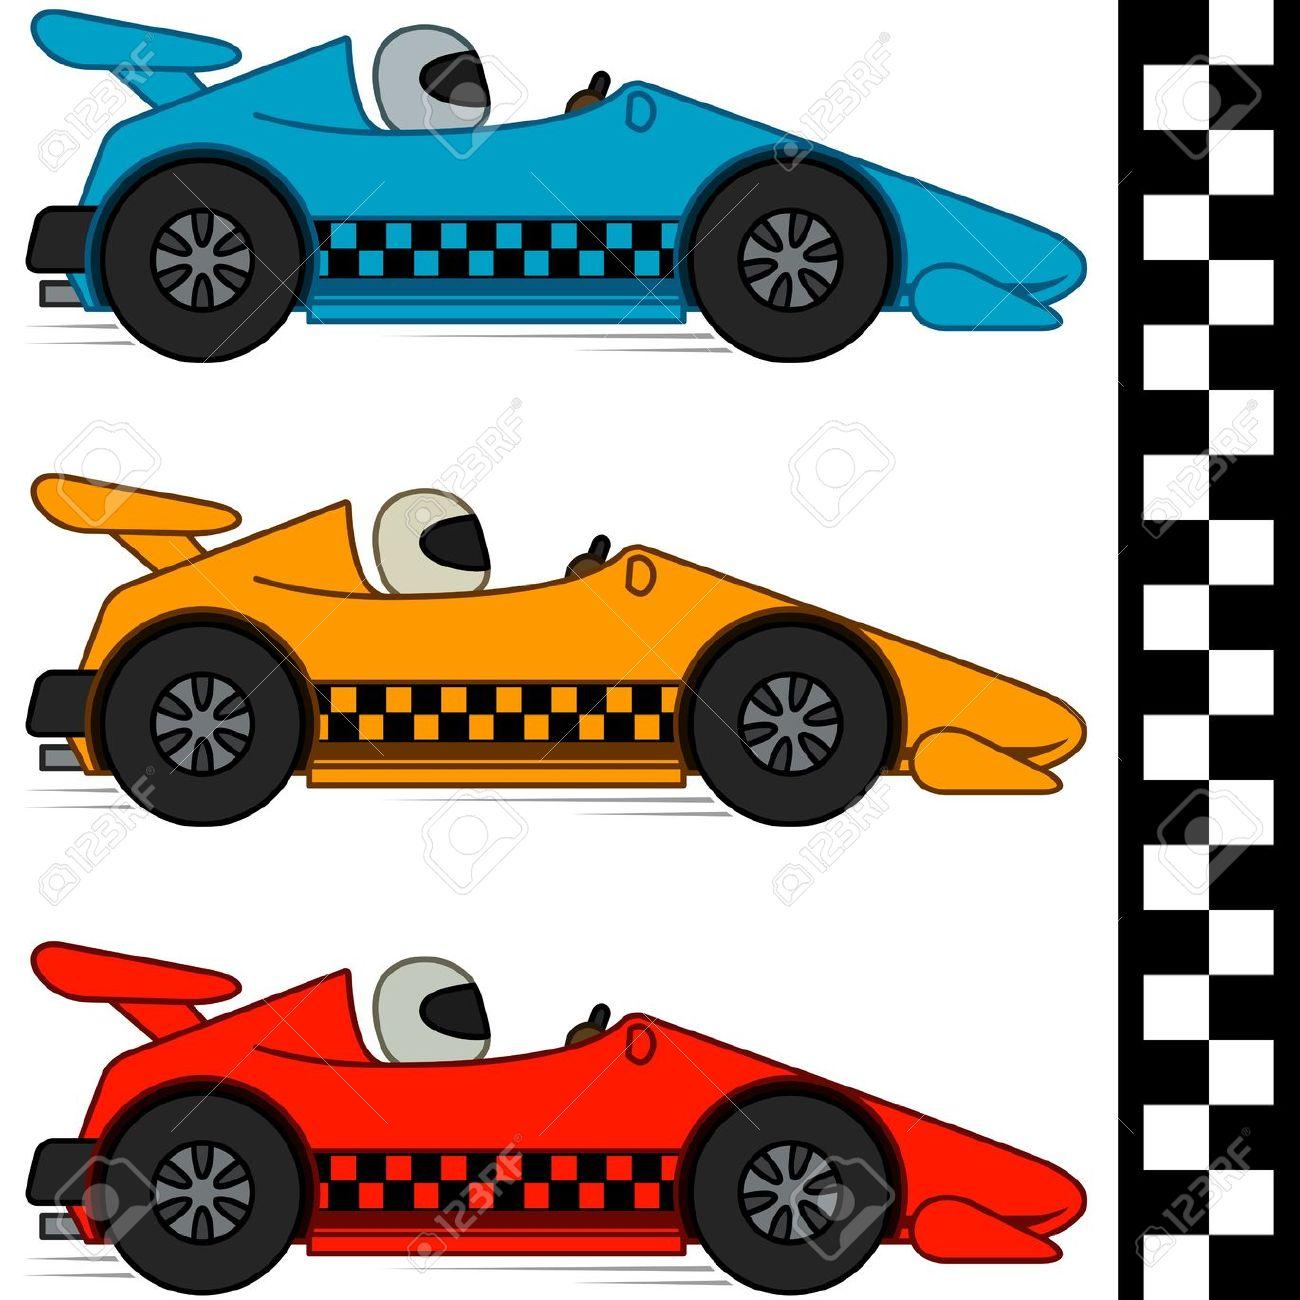 Race Car Clipart #12324-Race Car Clipart #12324-12